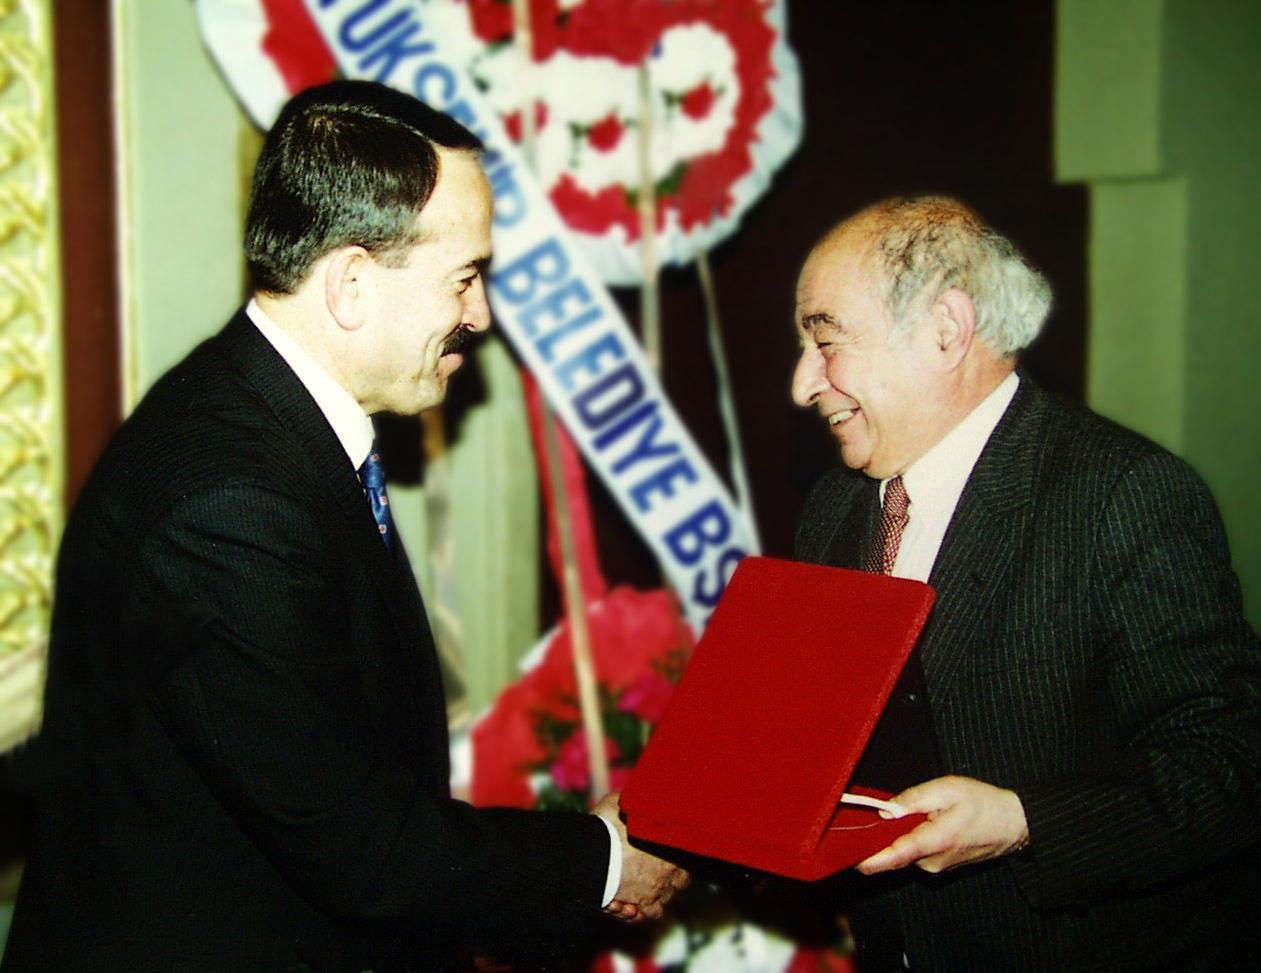 L'auteur turc et spécialiste du théâtre de marionnettes, Metin And (à droite) avec le chercheur turc dans les arts de la marionnette, Mevlüt Özhan. Photo réproduite avec l'aimable autorisation de UNIMA Turkey (UNIMA Turkiye)